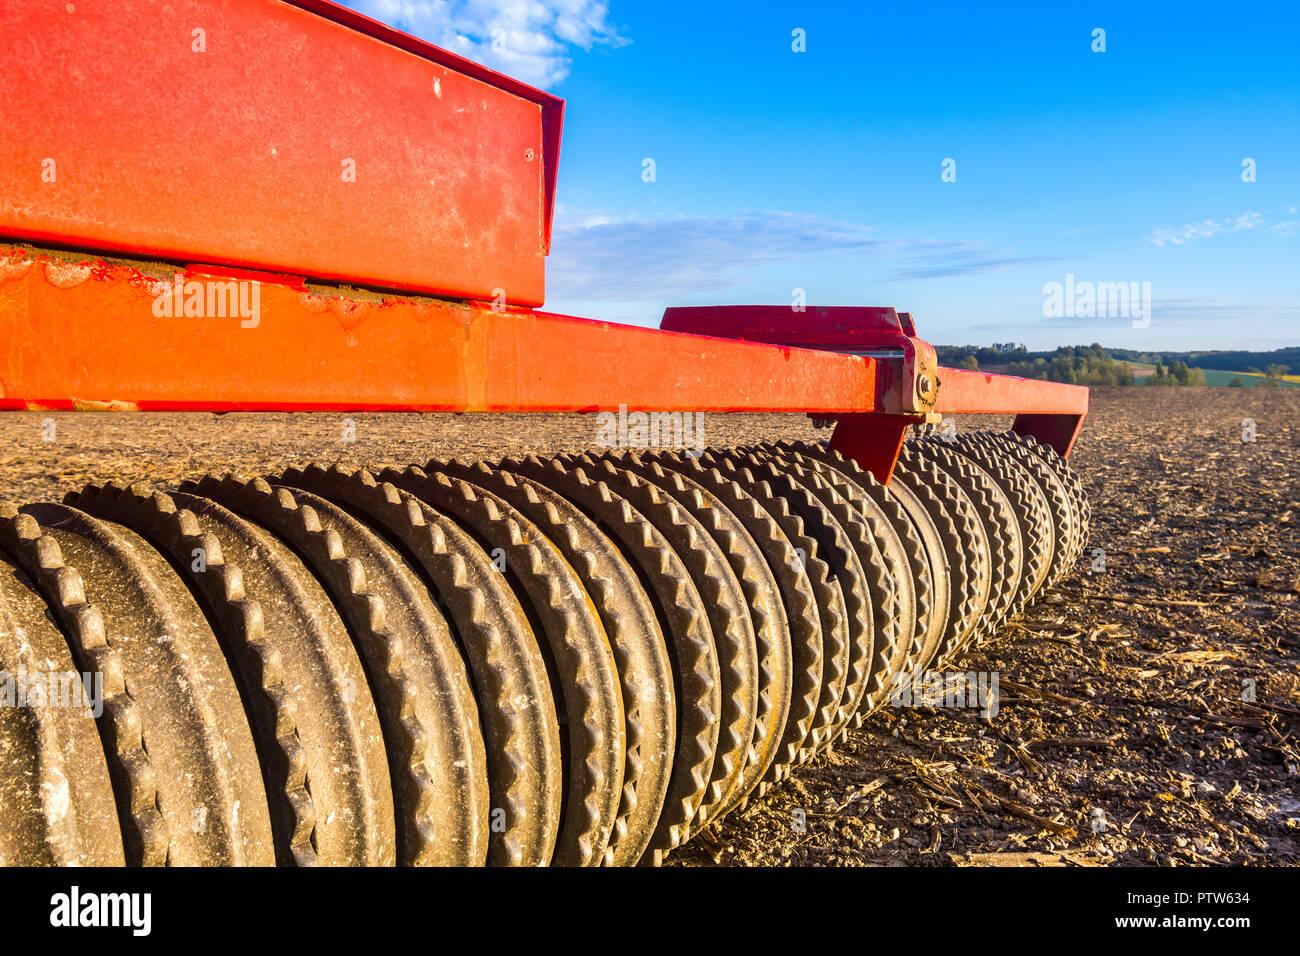 Détail de rouleau dentelée sur machines agricoles. Photo Stock